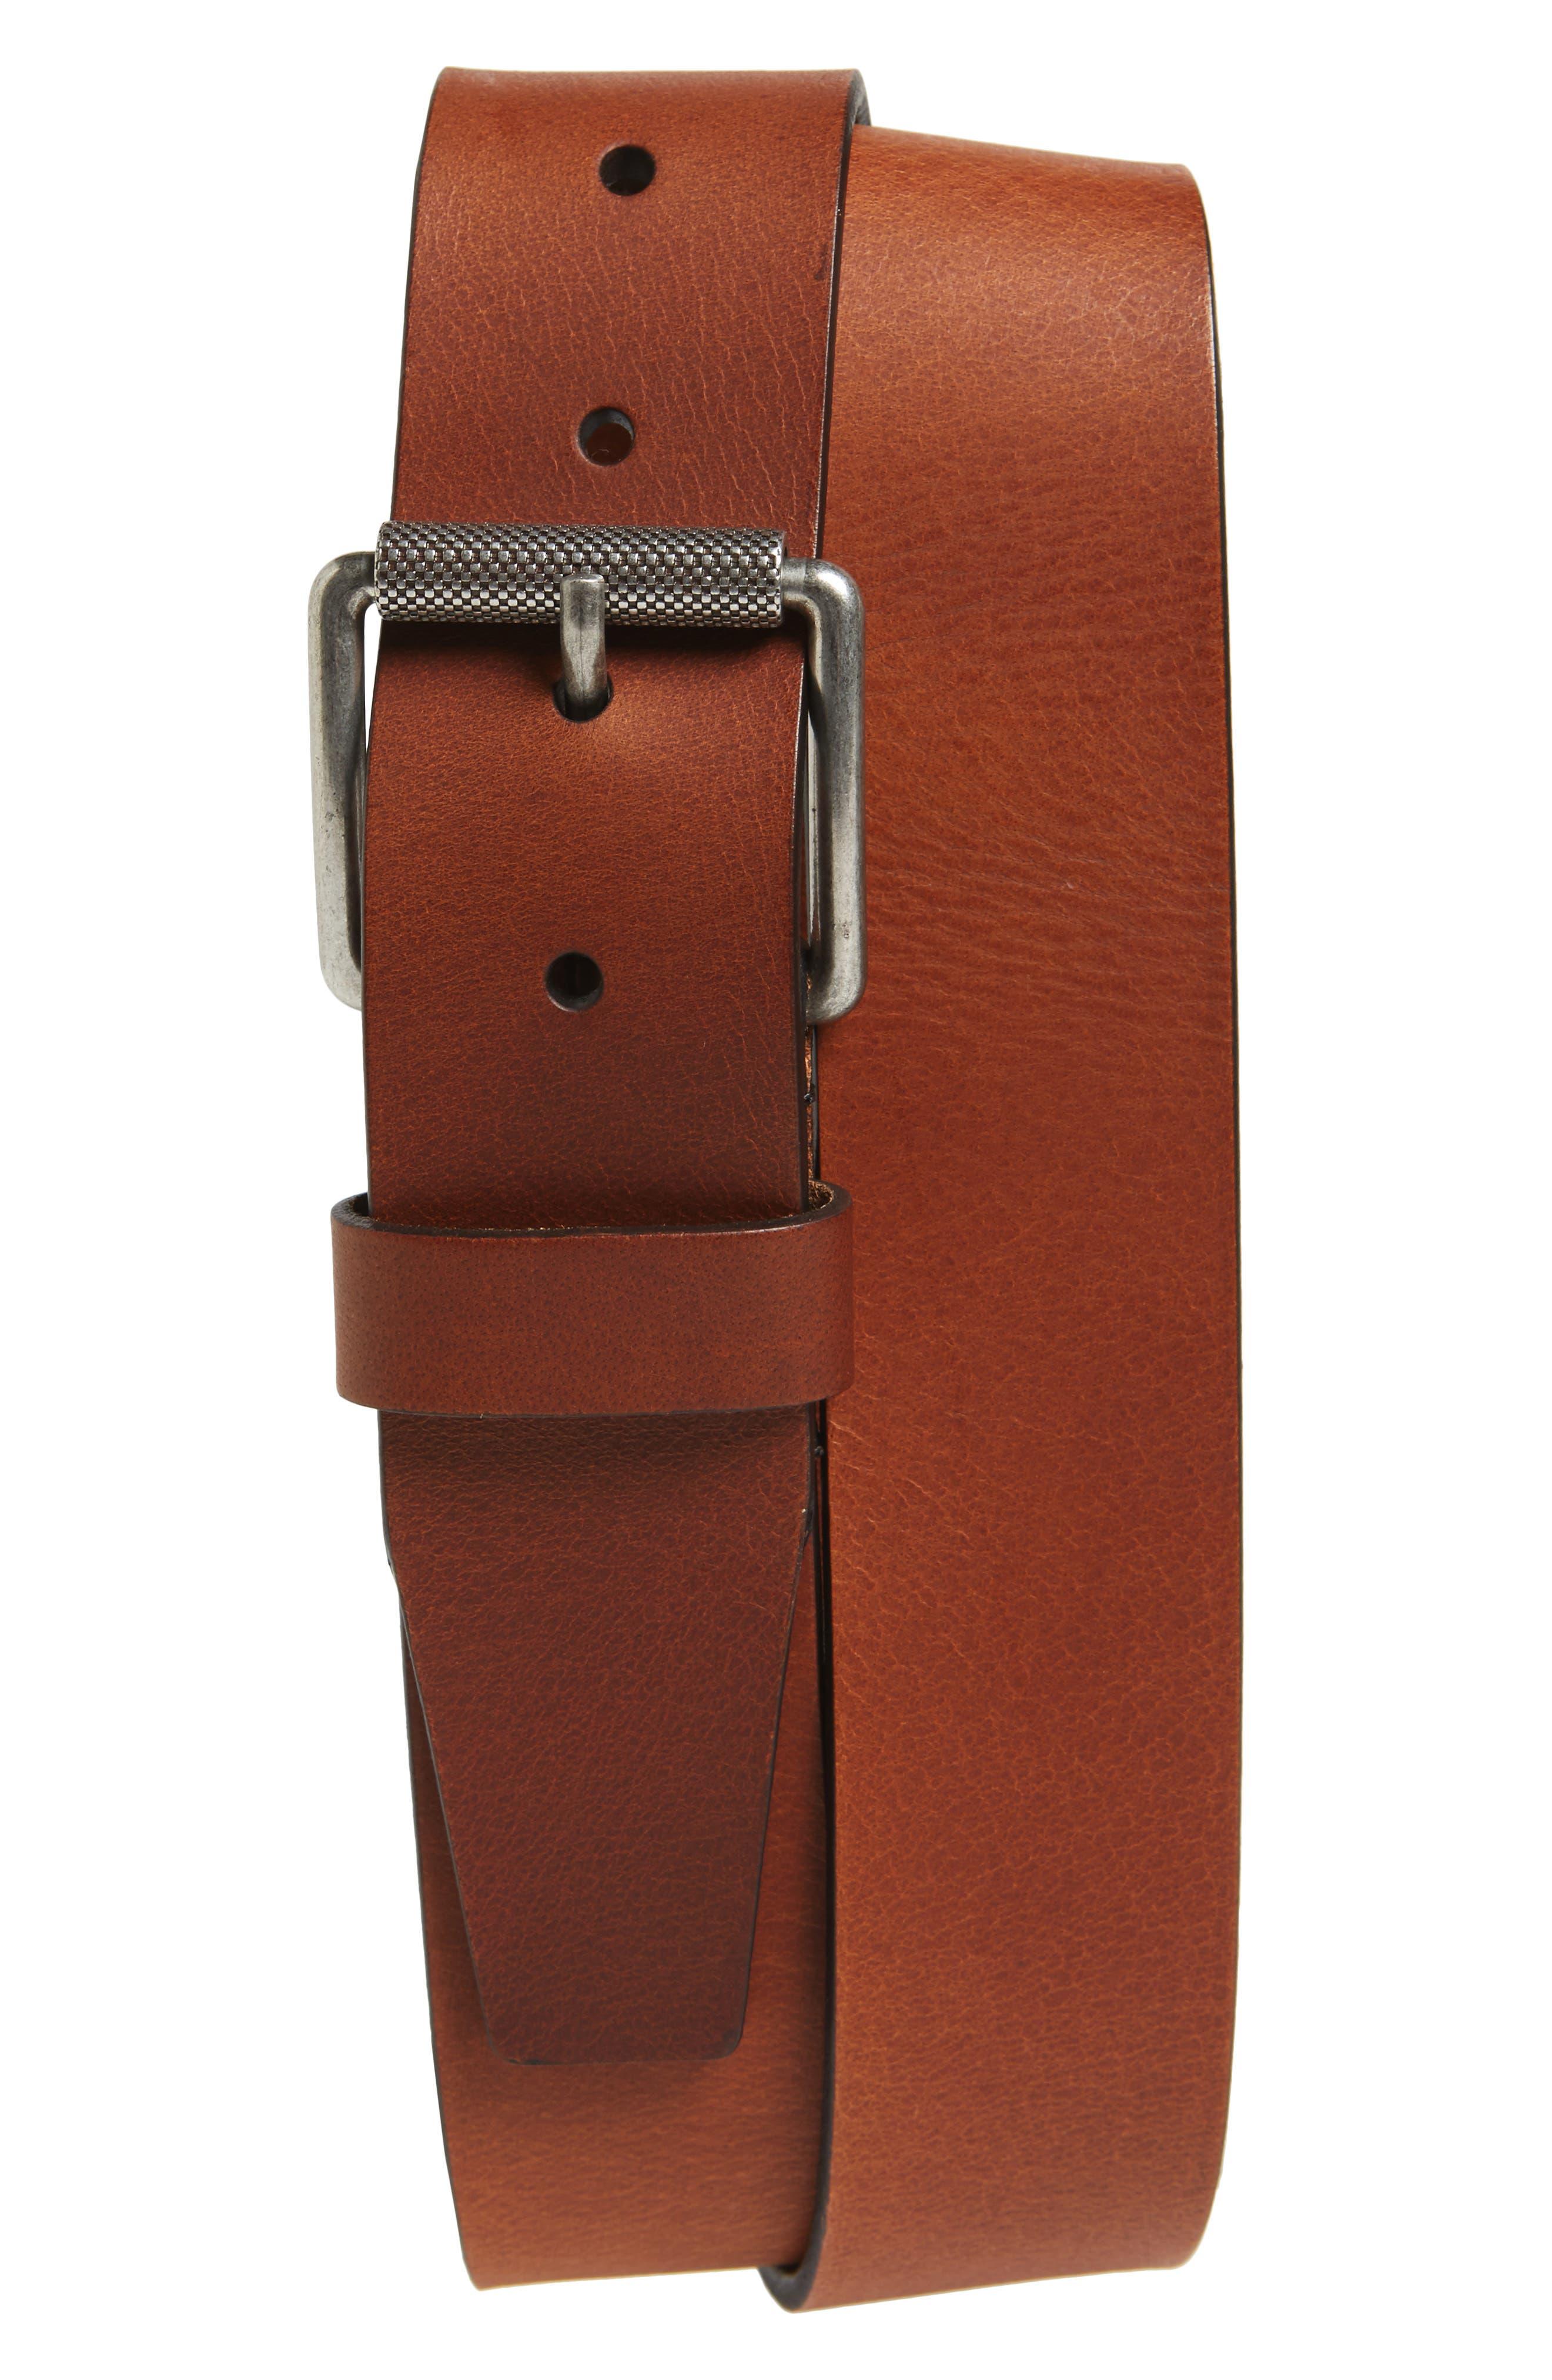 Roller Buckle Leather Belt,                             Main thumbnail 1, color,                             Cognac